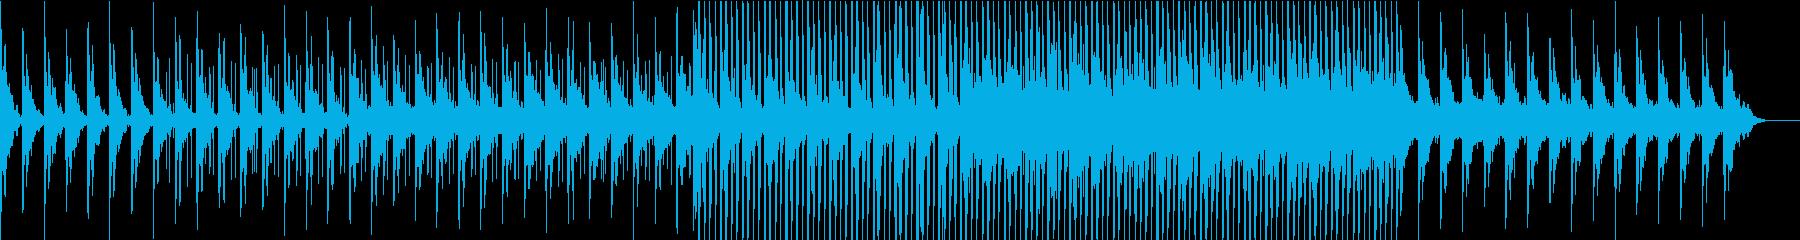 医療を伝えるニュースの再生済みの波形